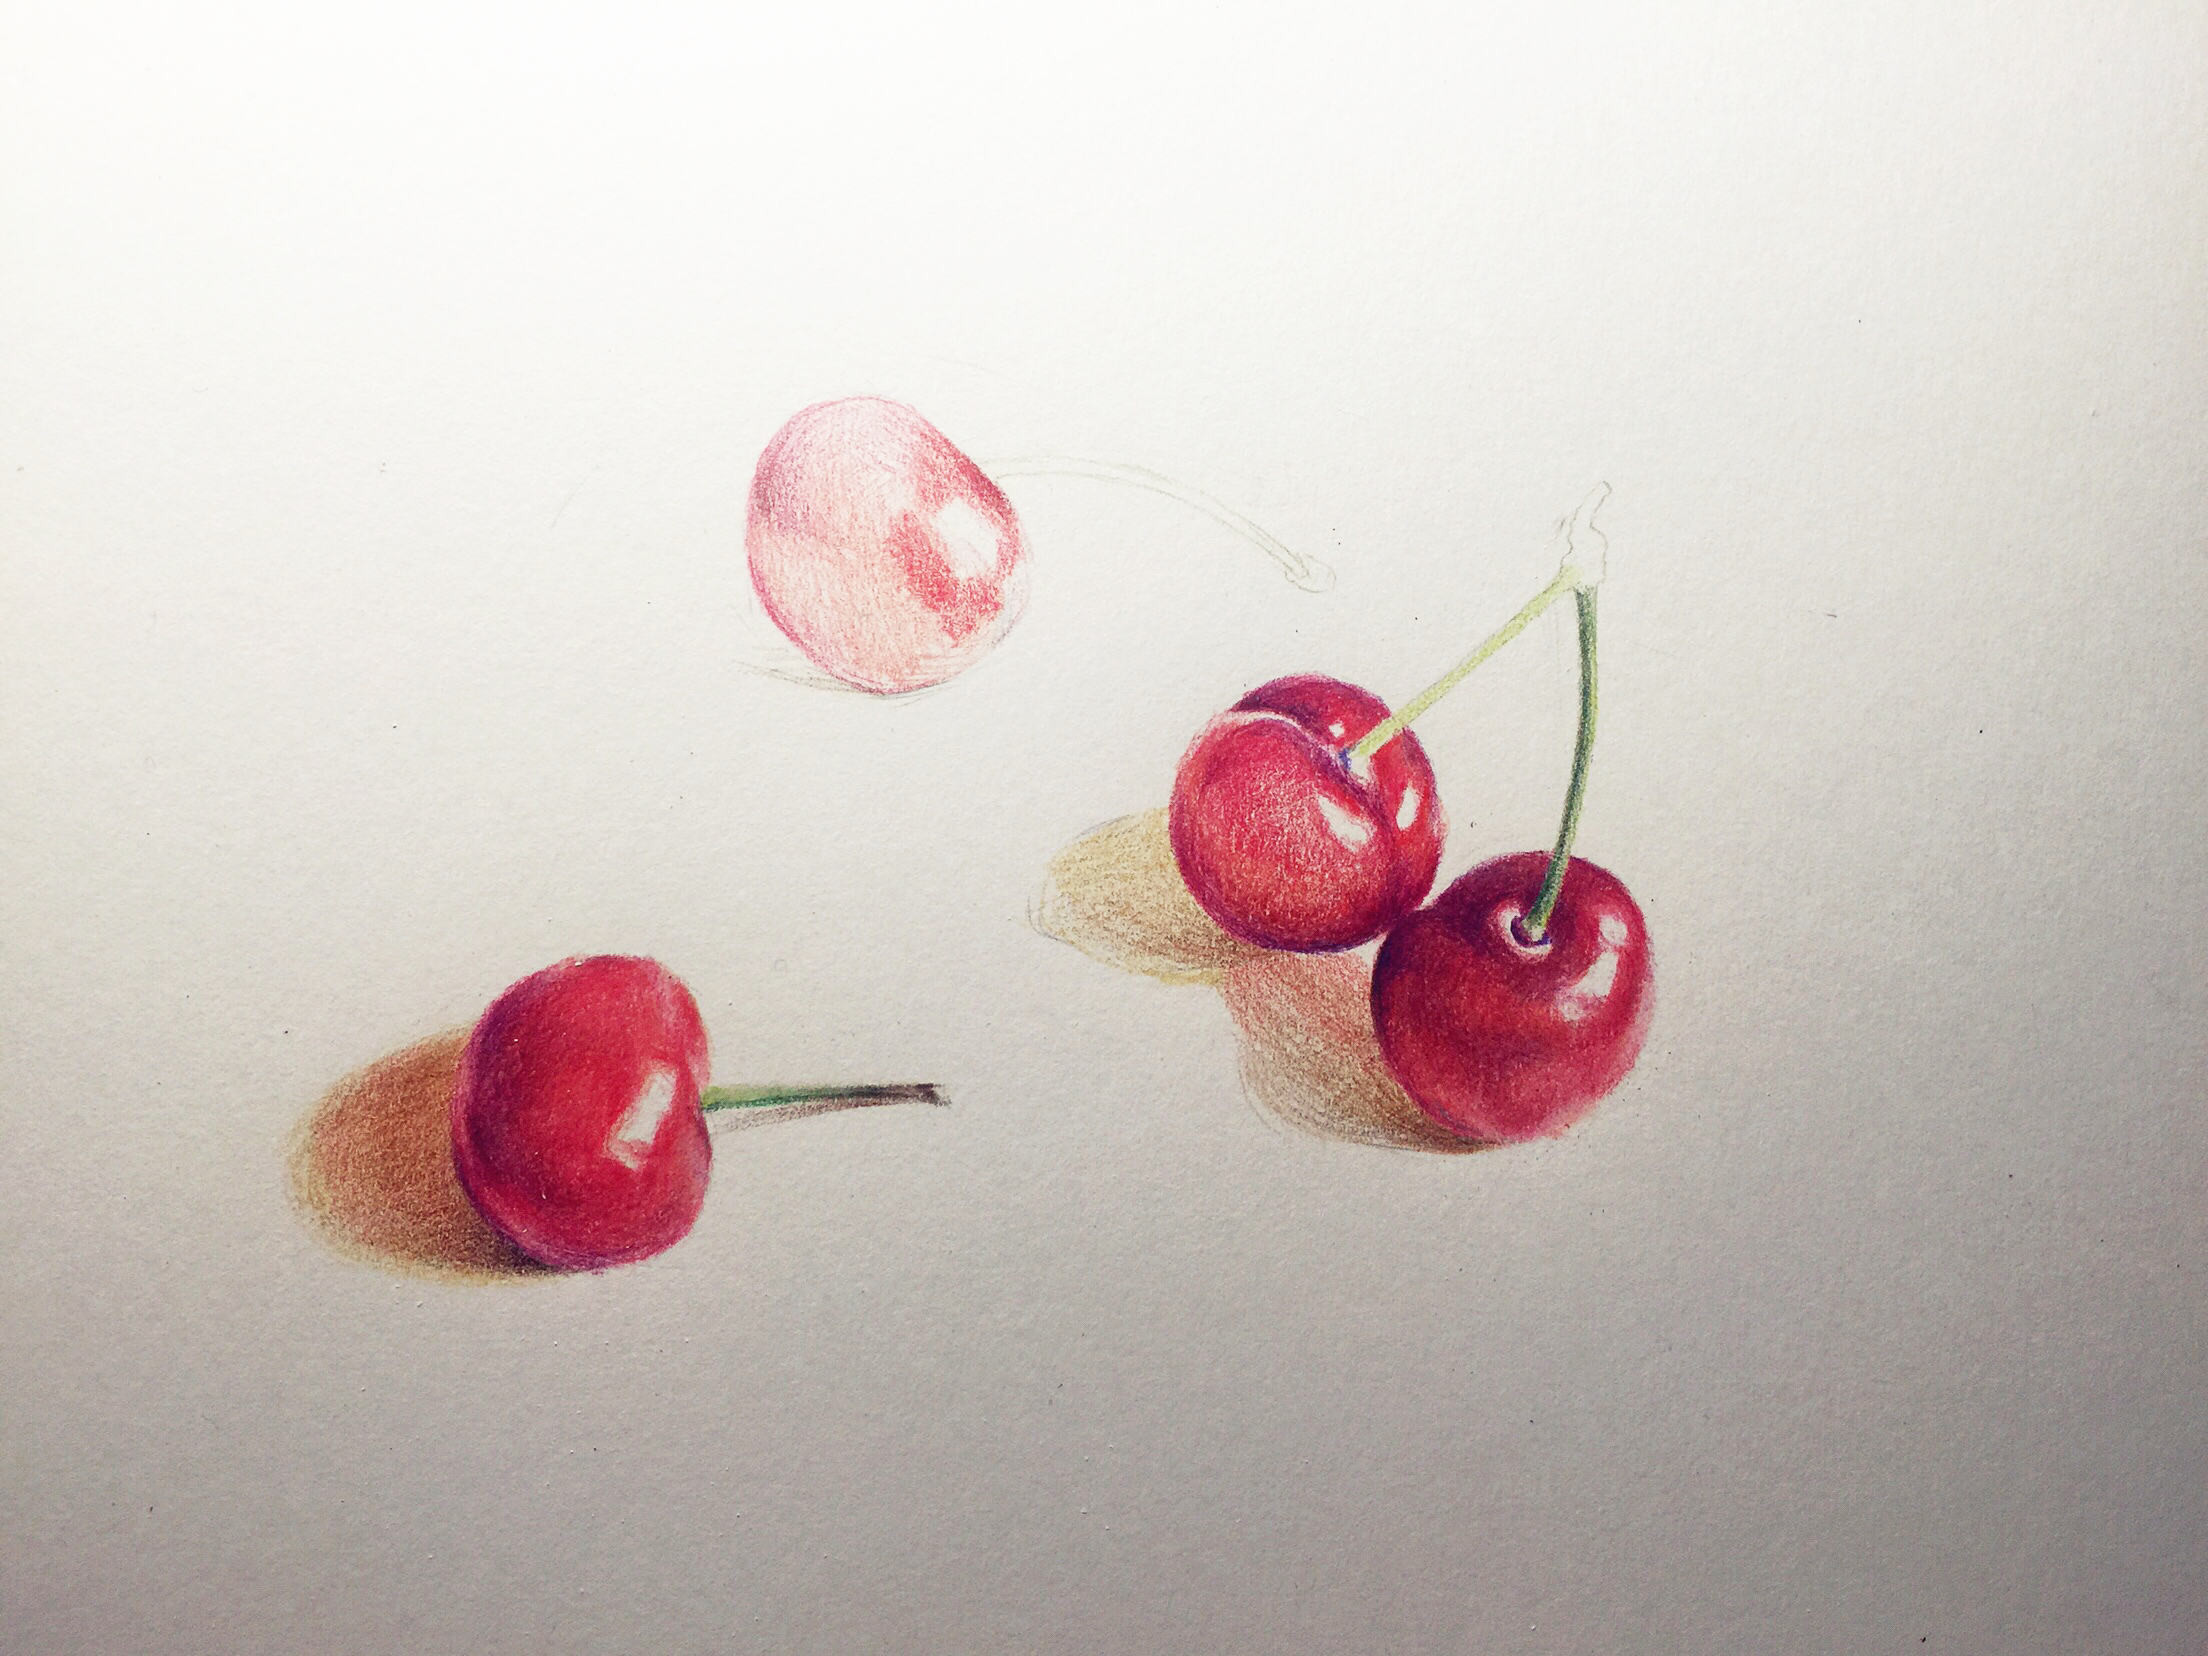 彩铅—大樱桃